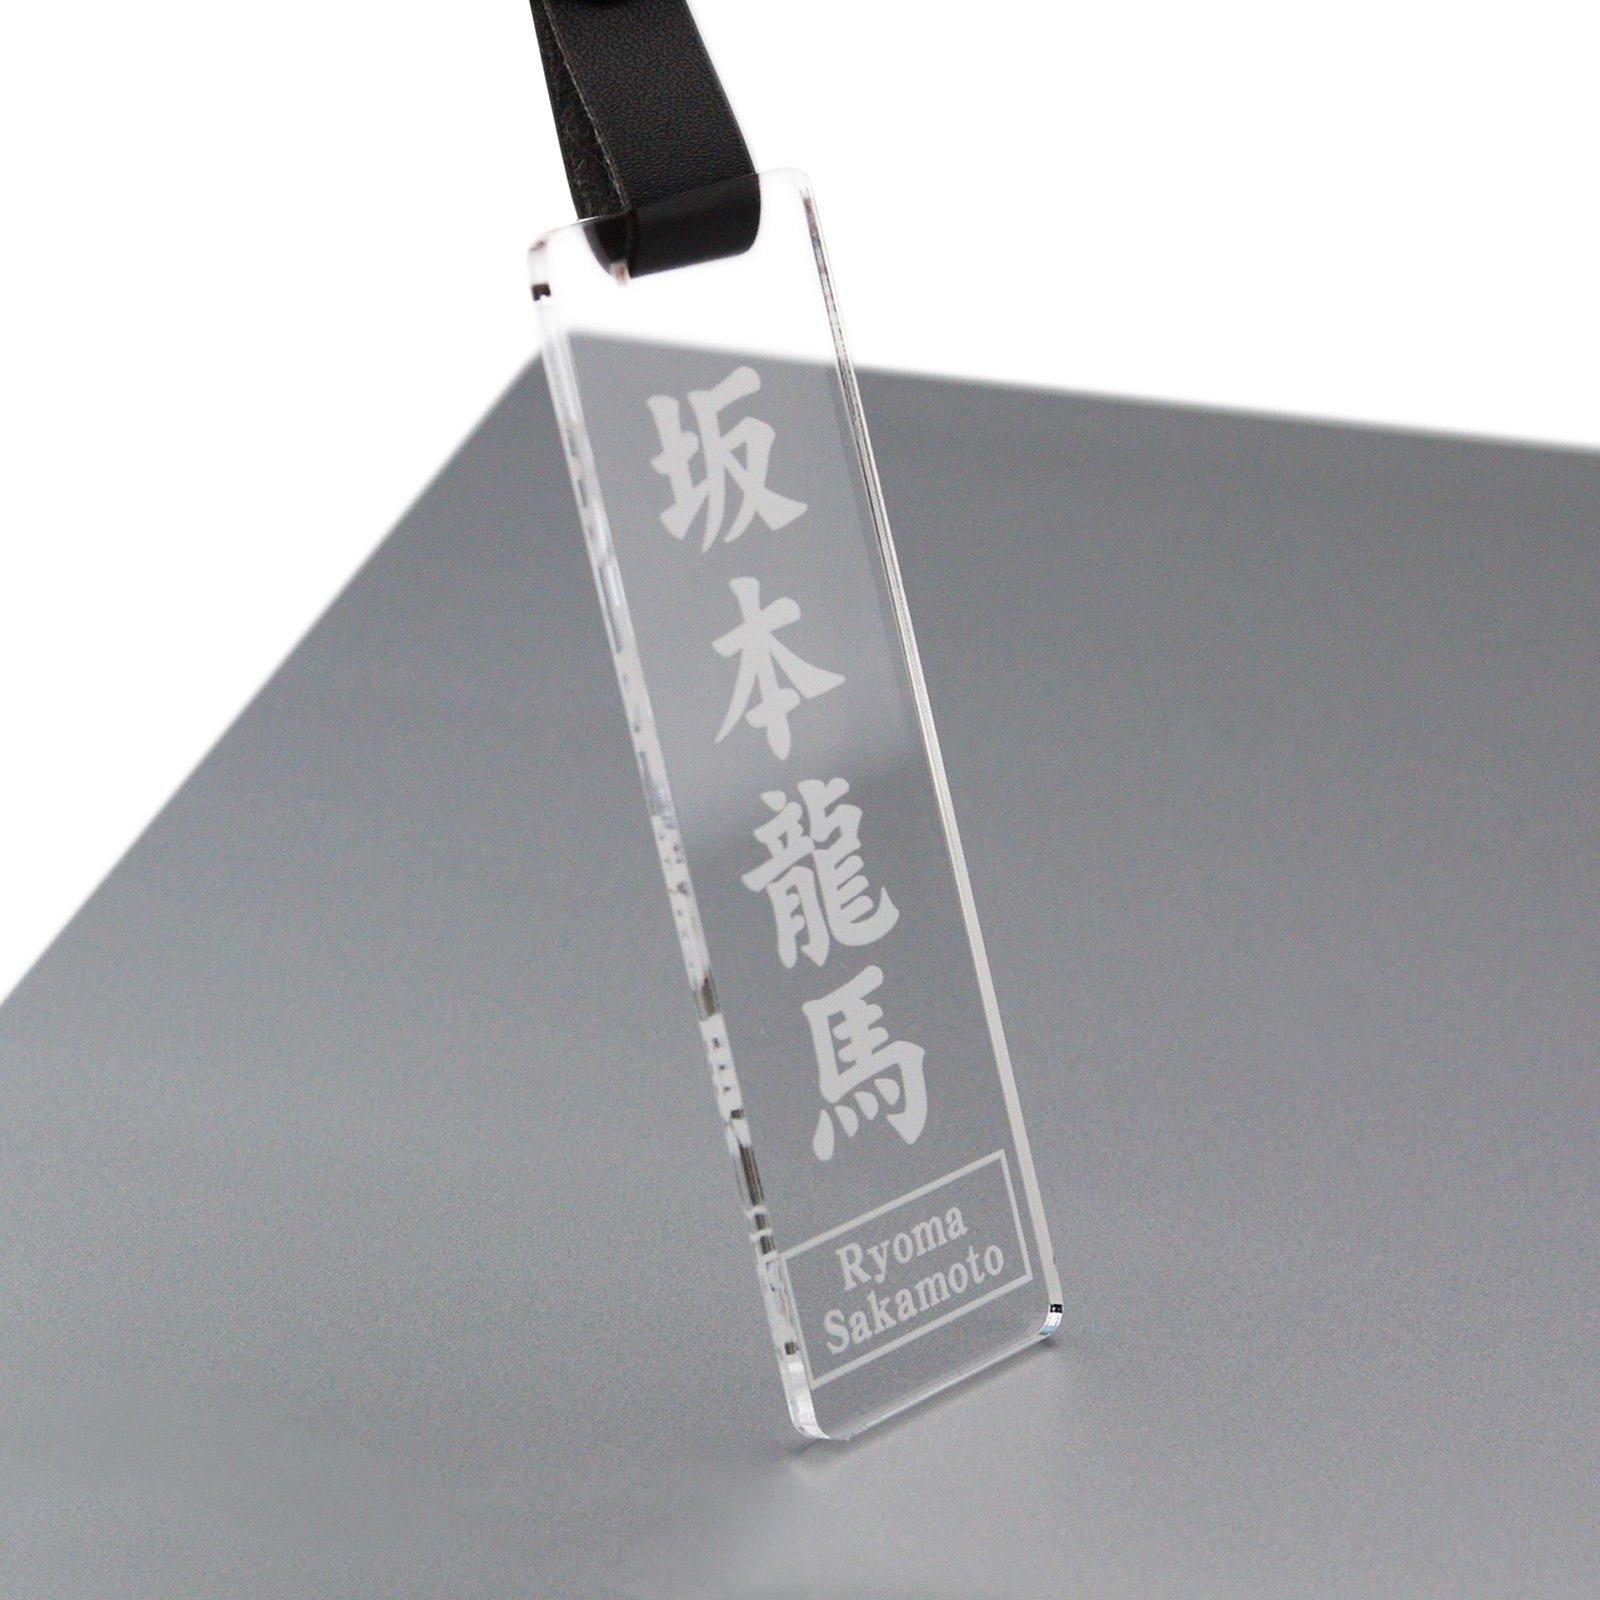 ゴルフ 角型 クリア/ブラック ネームプレート アクリル製